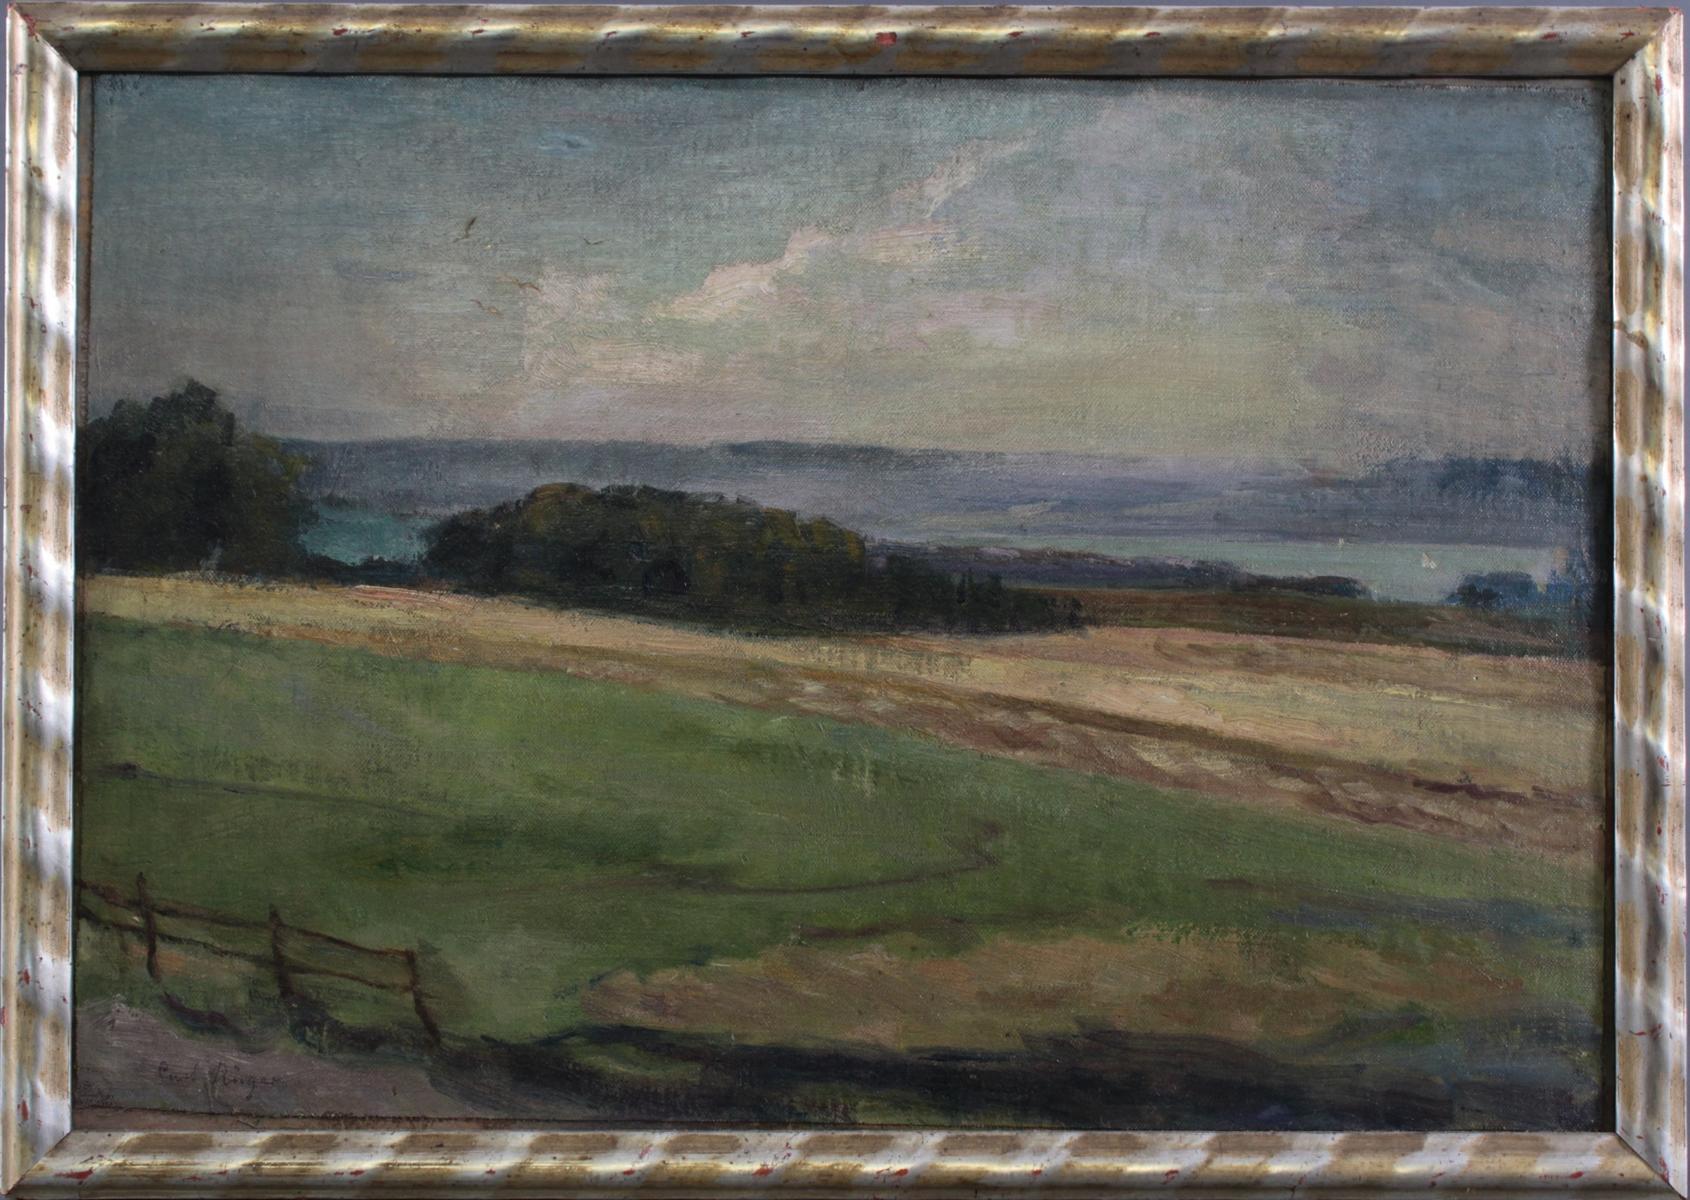 Curt Rüger (1867 – 1930), Uferpartie am Ammersee